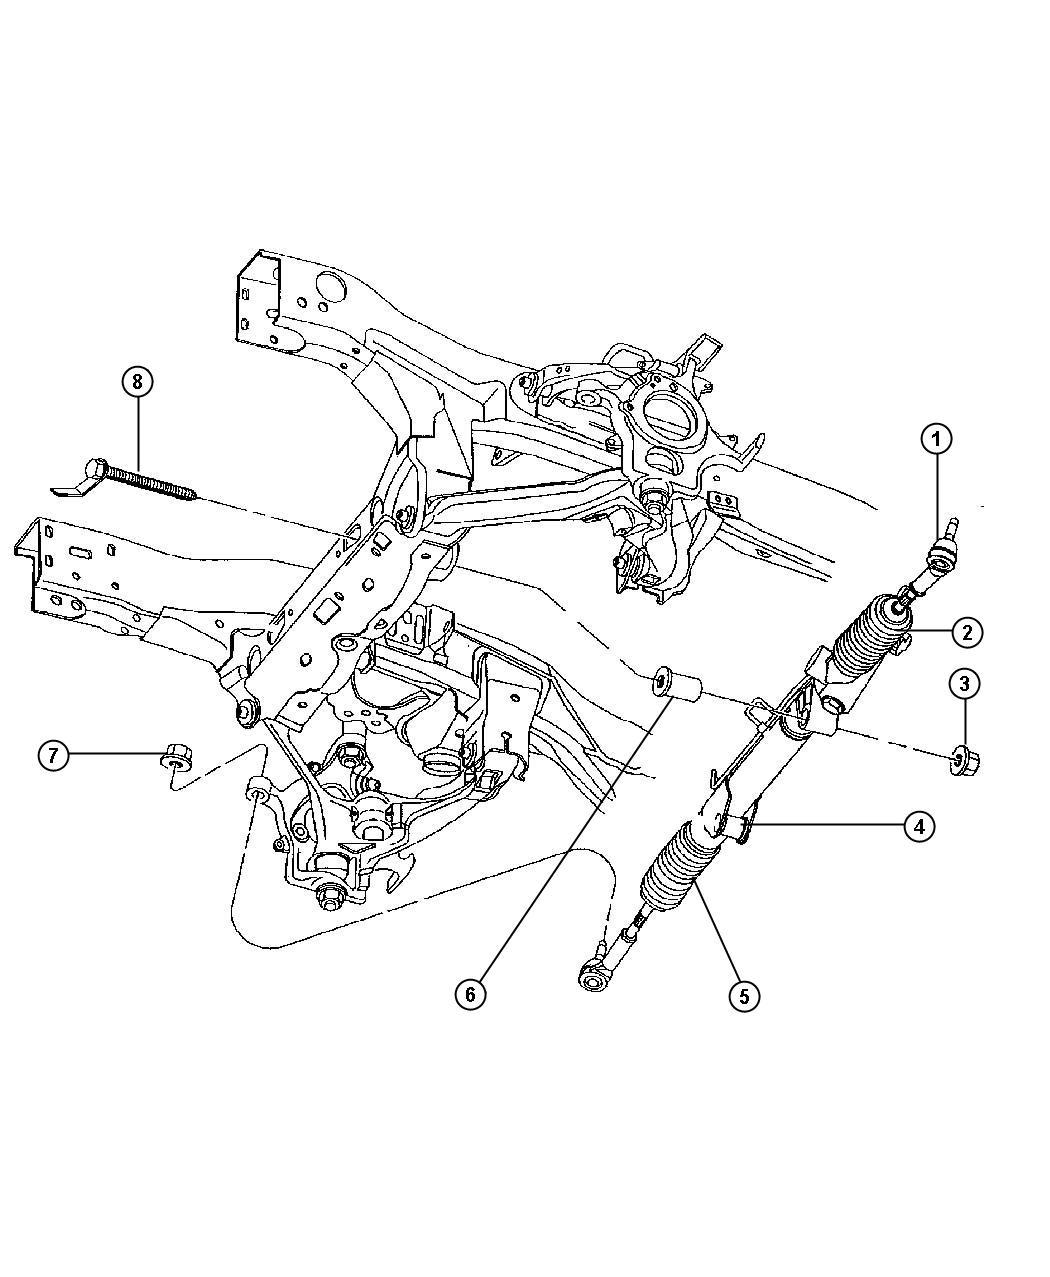 Dodge Dakota 4.7L V8 MPI, 5-Speed HD Manual Gear, Rack